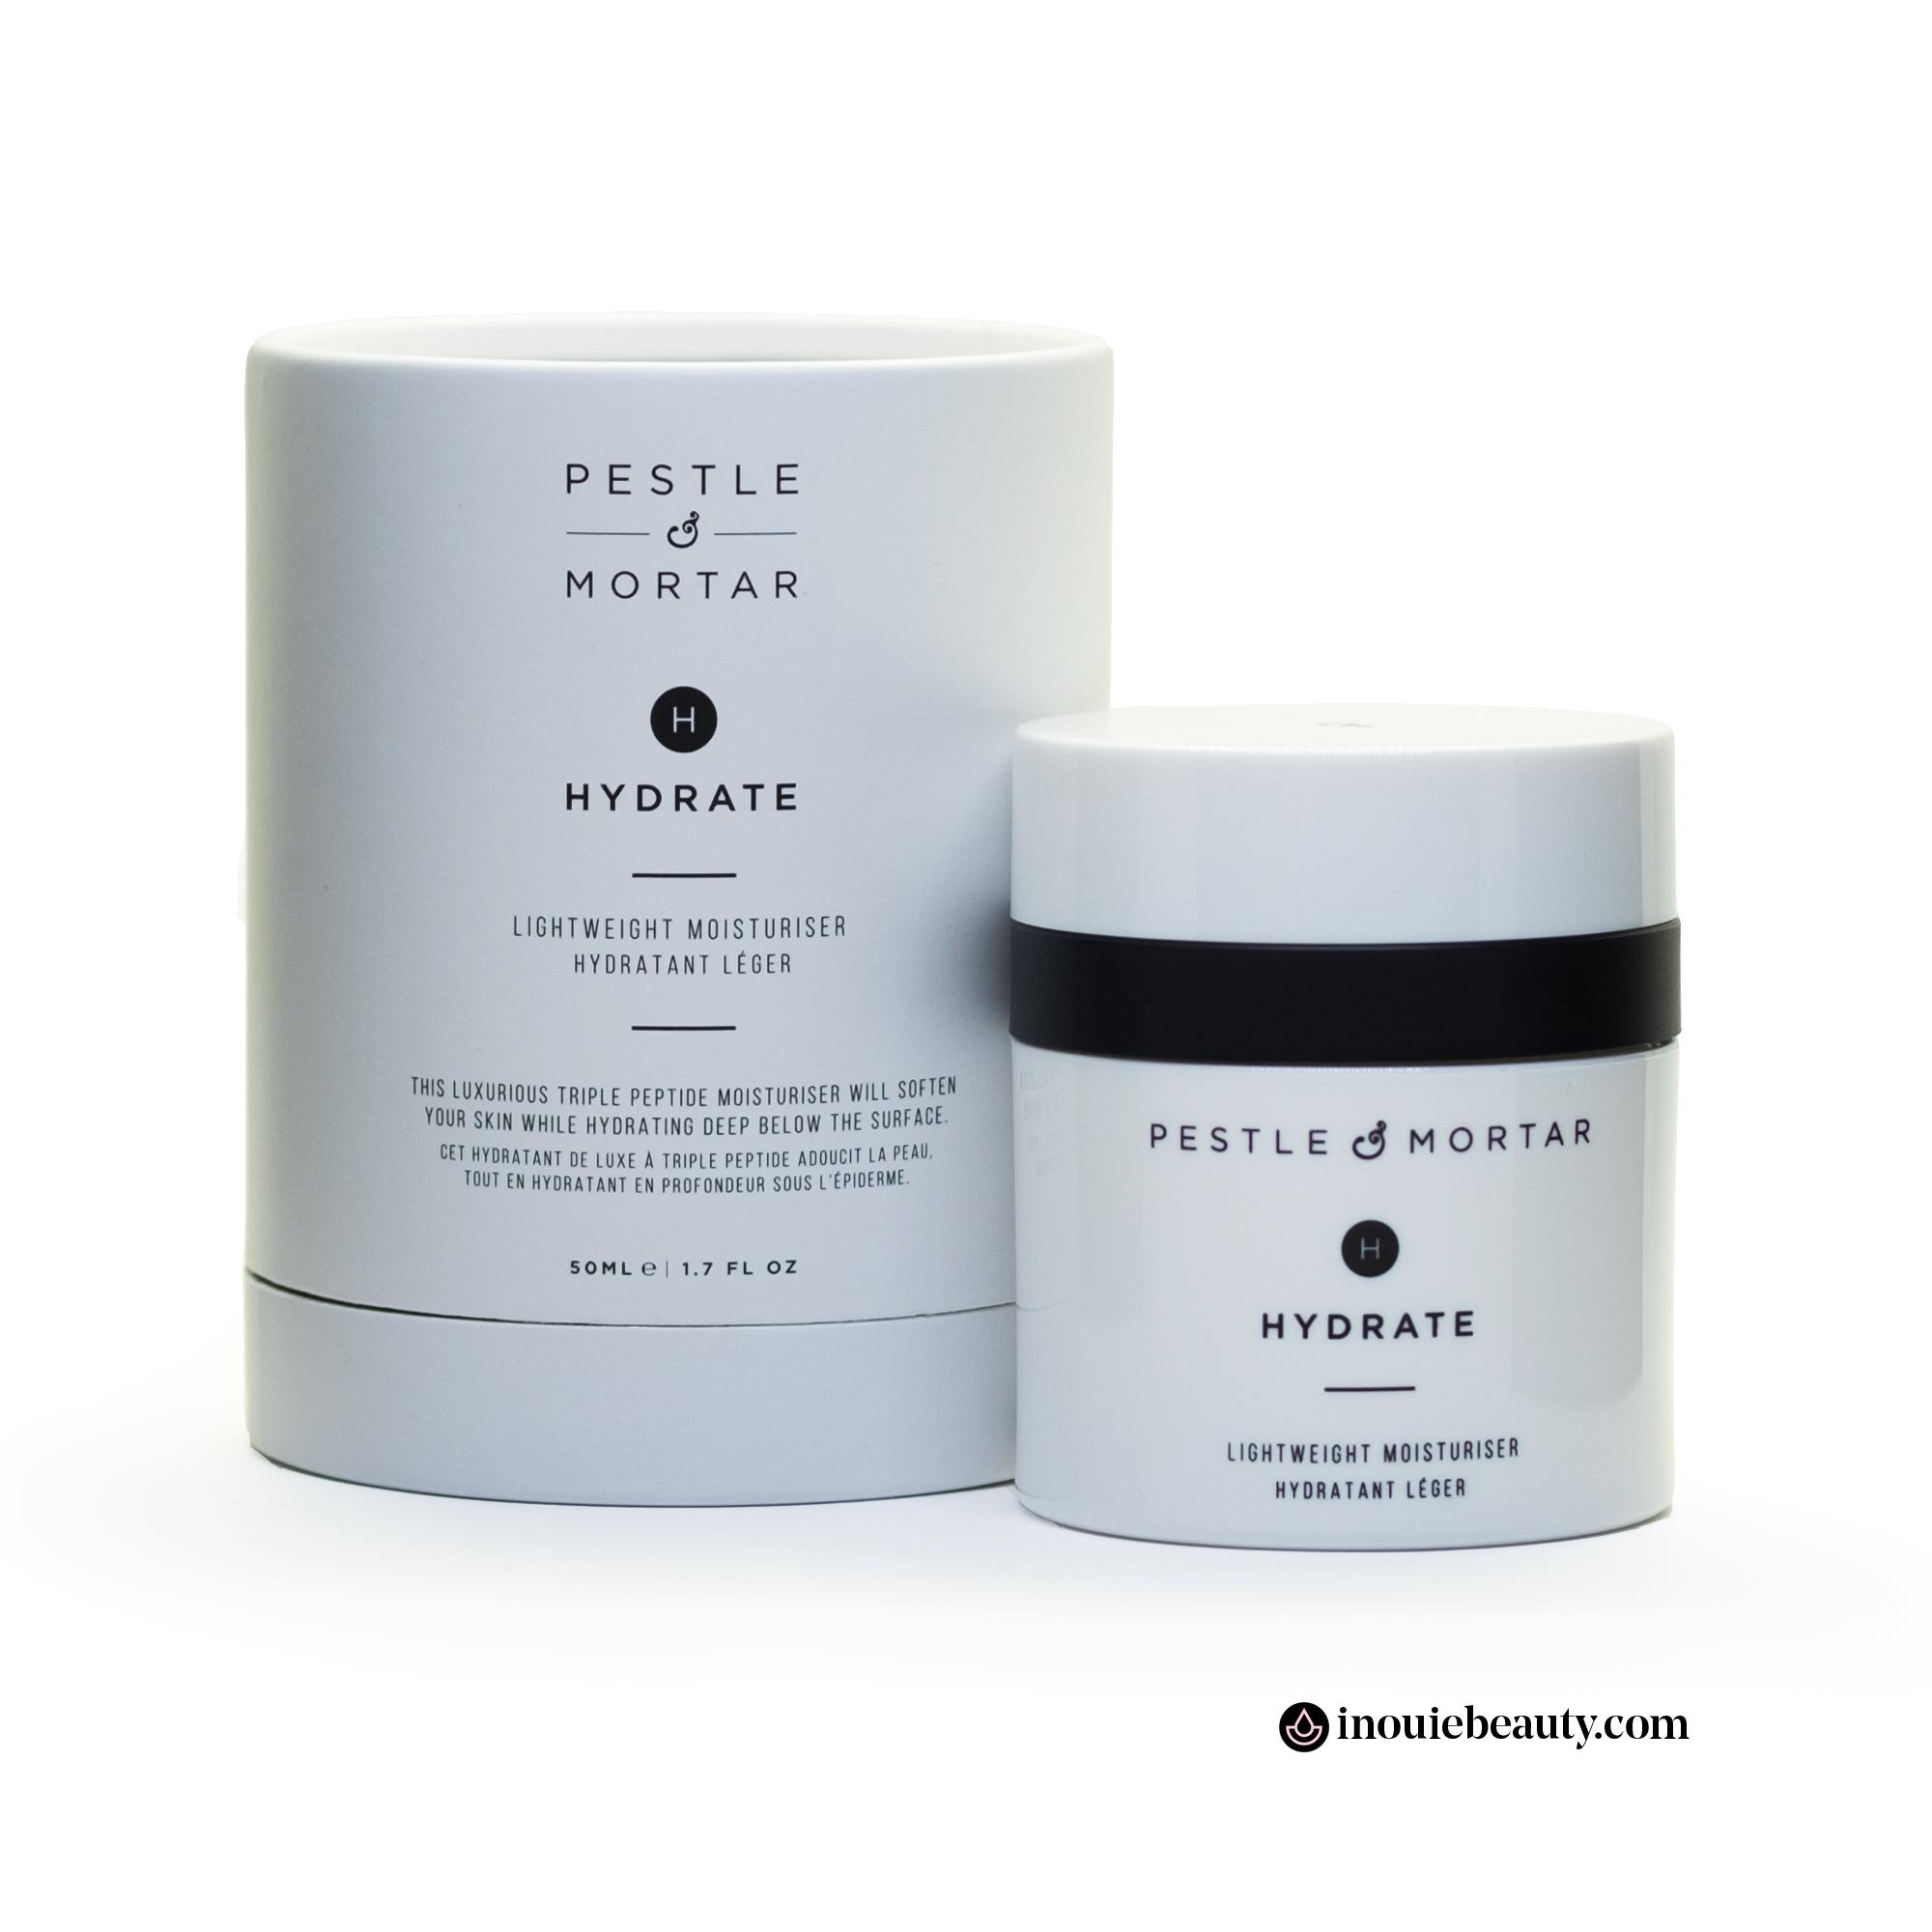 Pestle & Mortar Hydrate Moisturiser (com entrega a partir do dia 12 de Maio*)